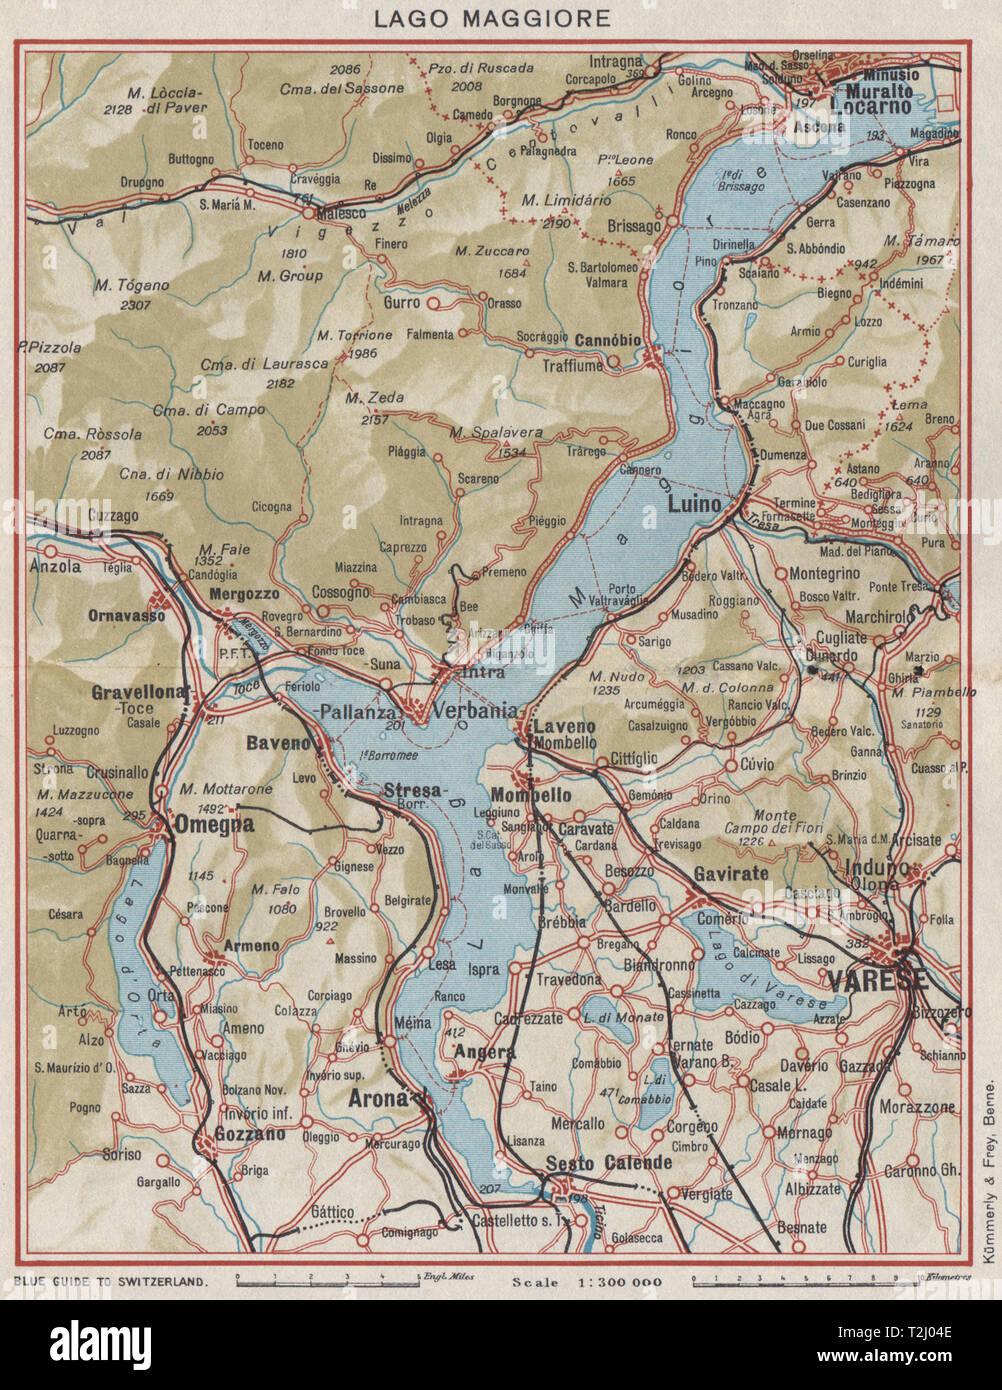 See Lago Maggiore Varese Locarno Arona Omegna Luino Vintage